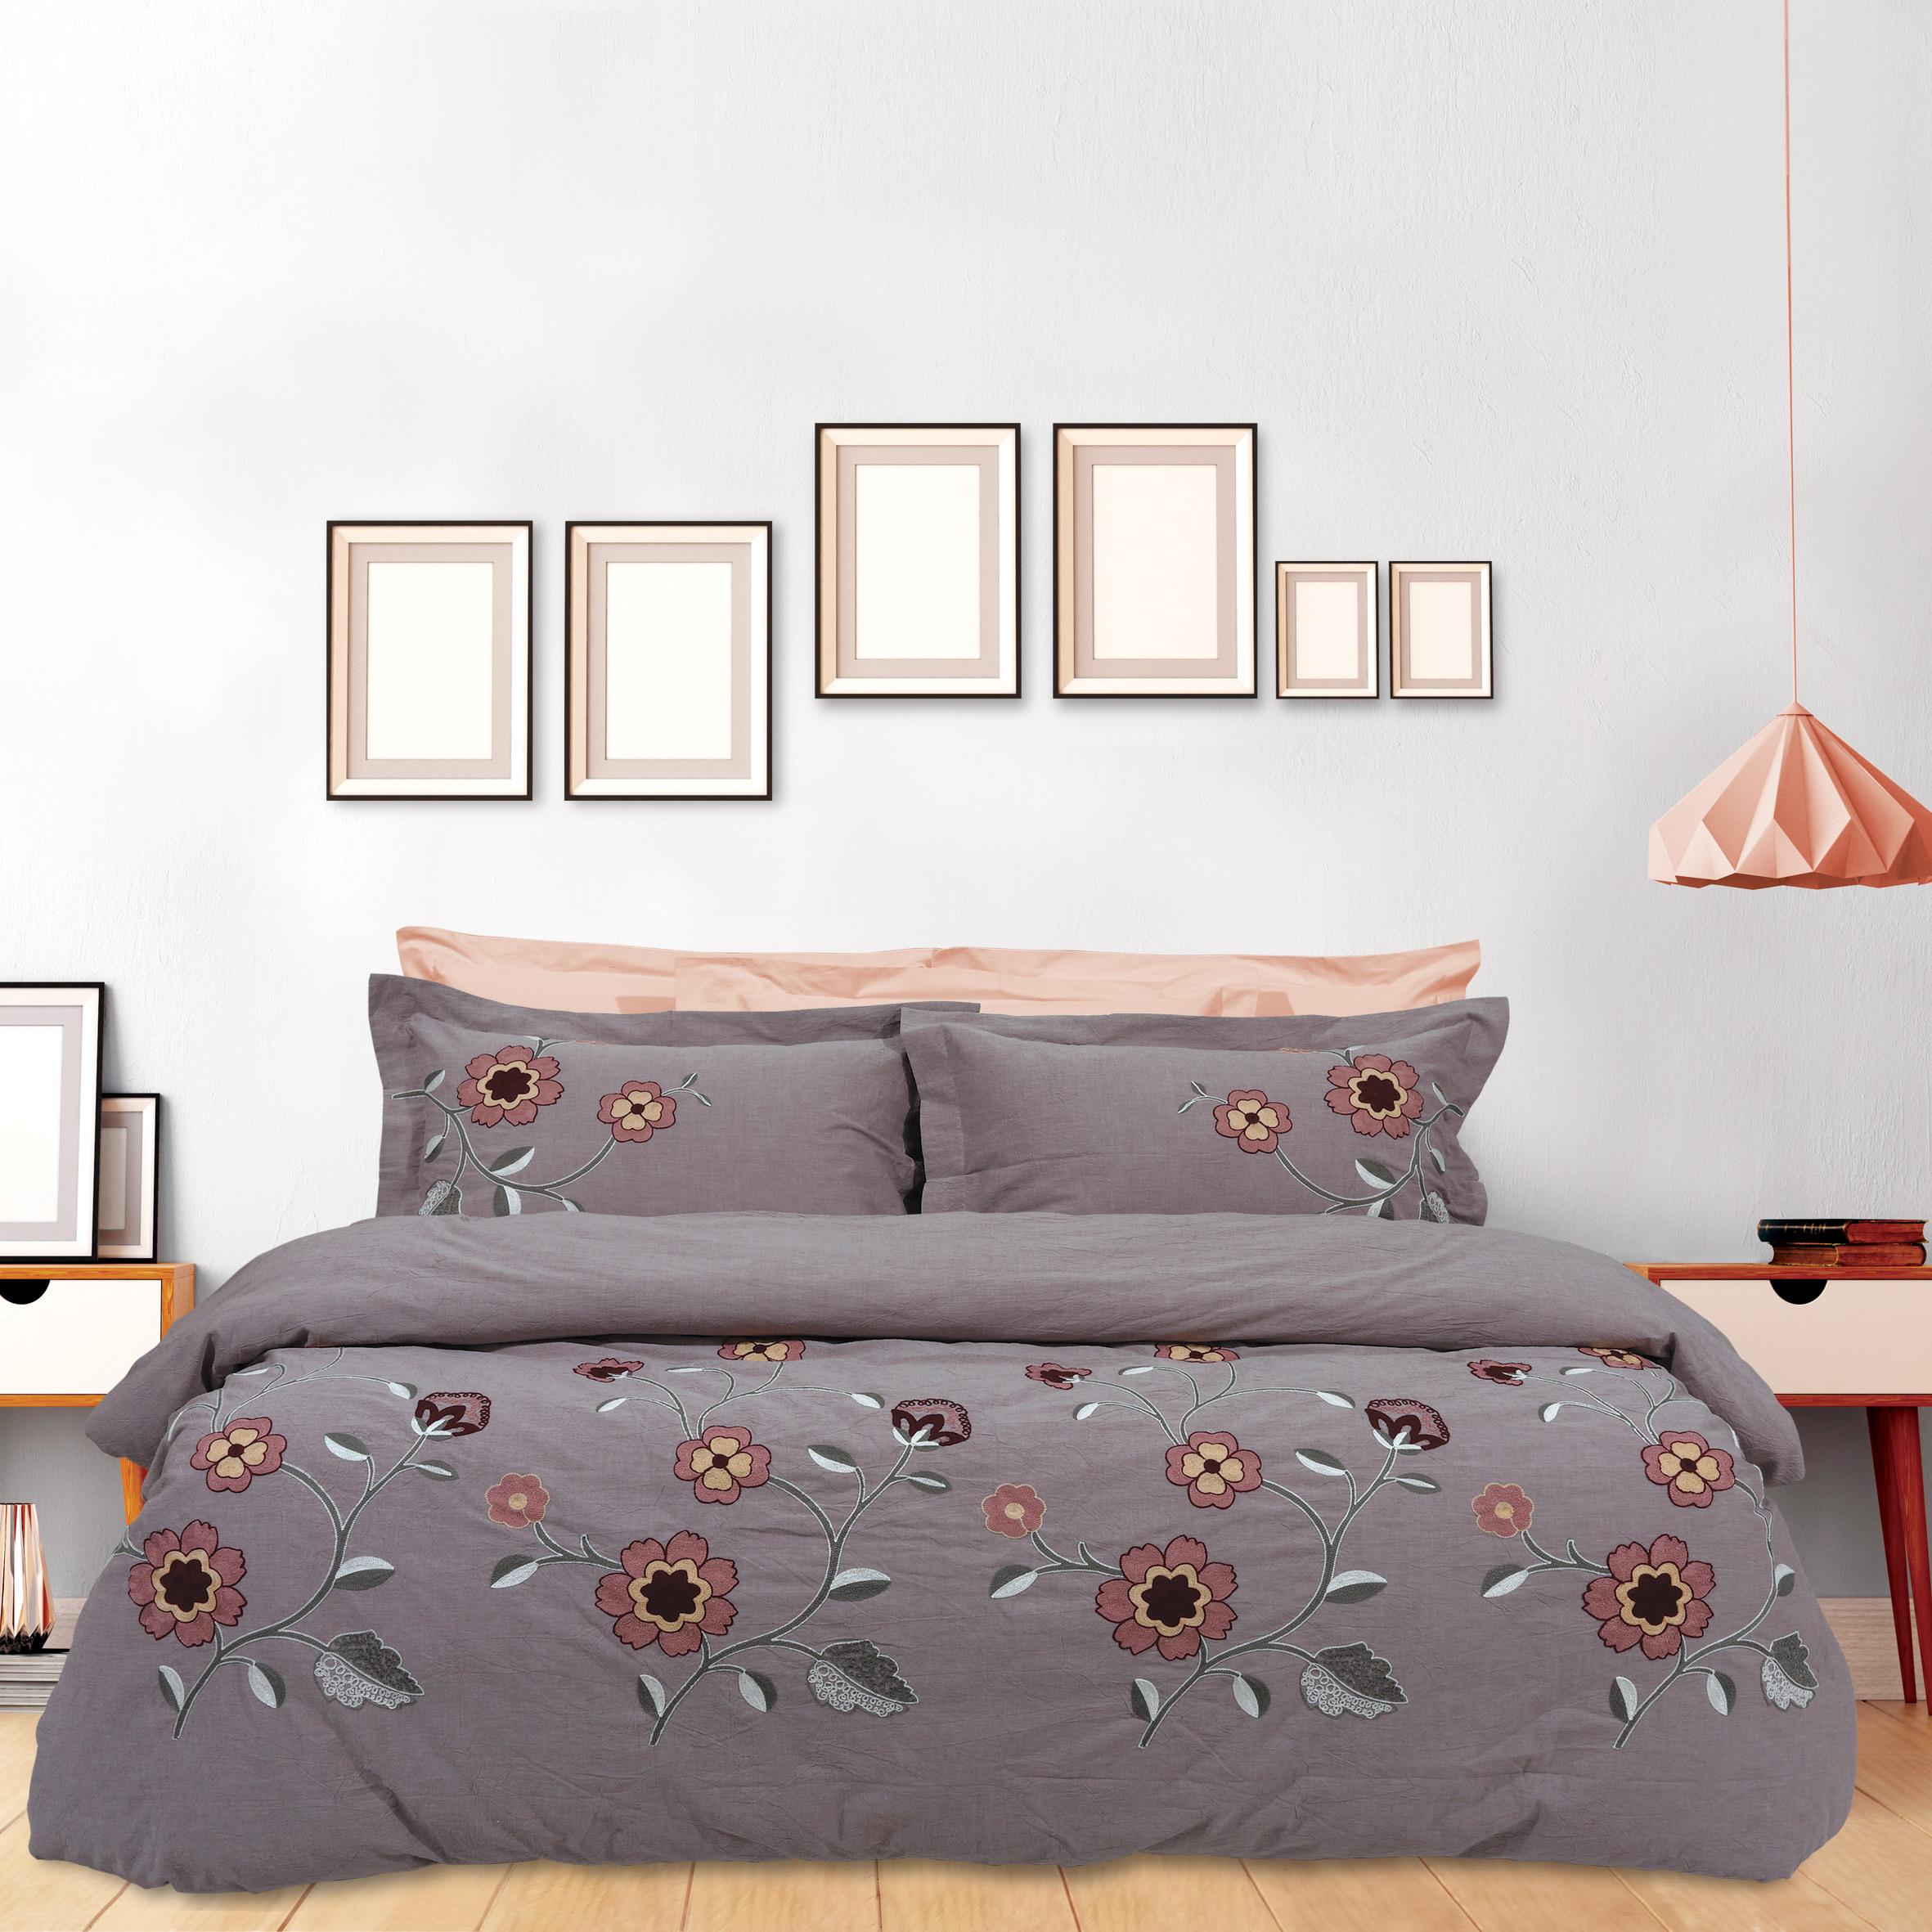 Σετ παπλωματοθήκη Υ/Δ PRESTIGE LINE 1590, DAS HOME last items   υπνοδωμάτιο